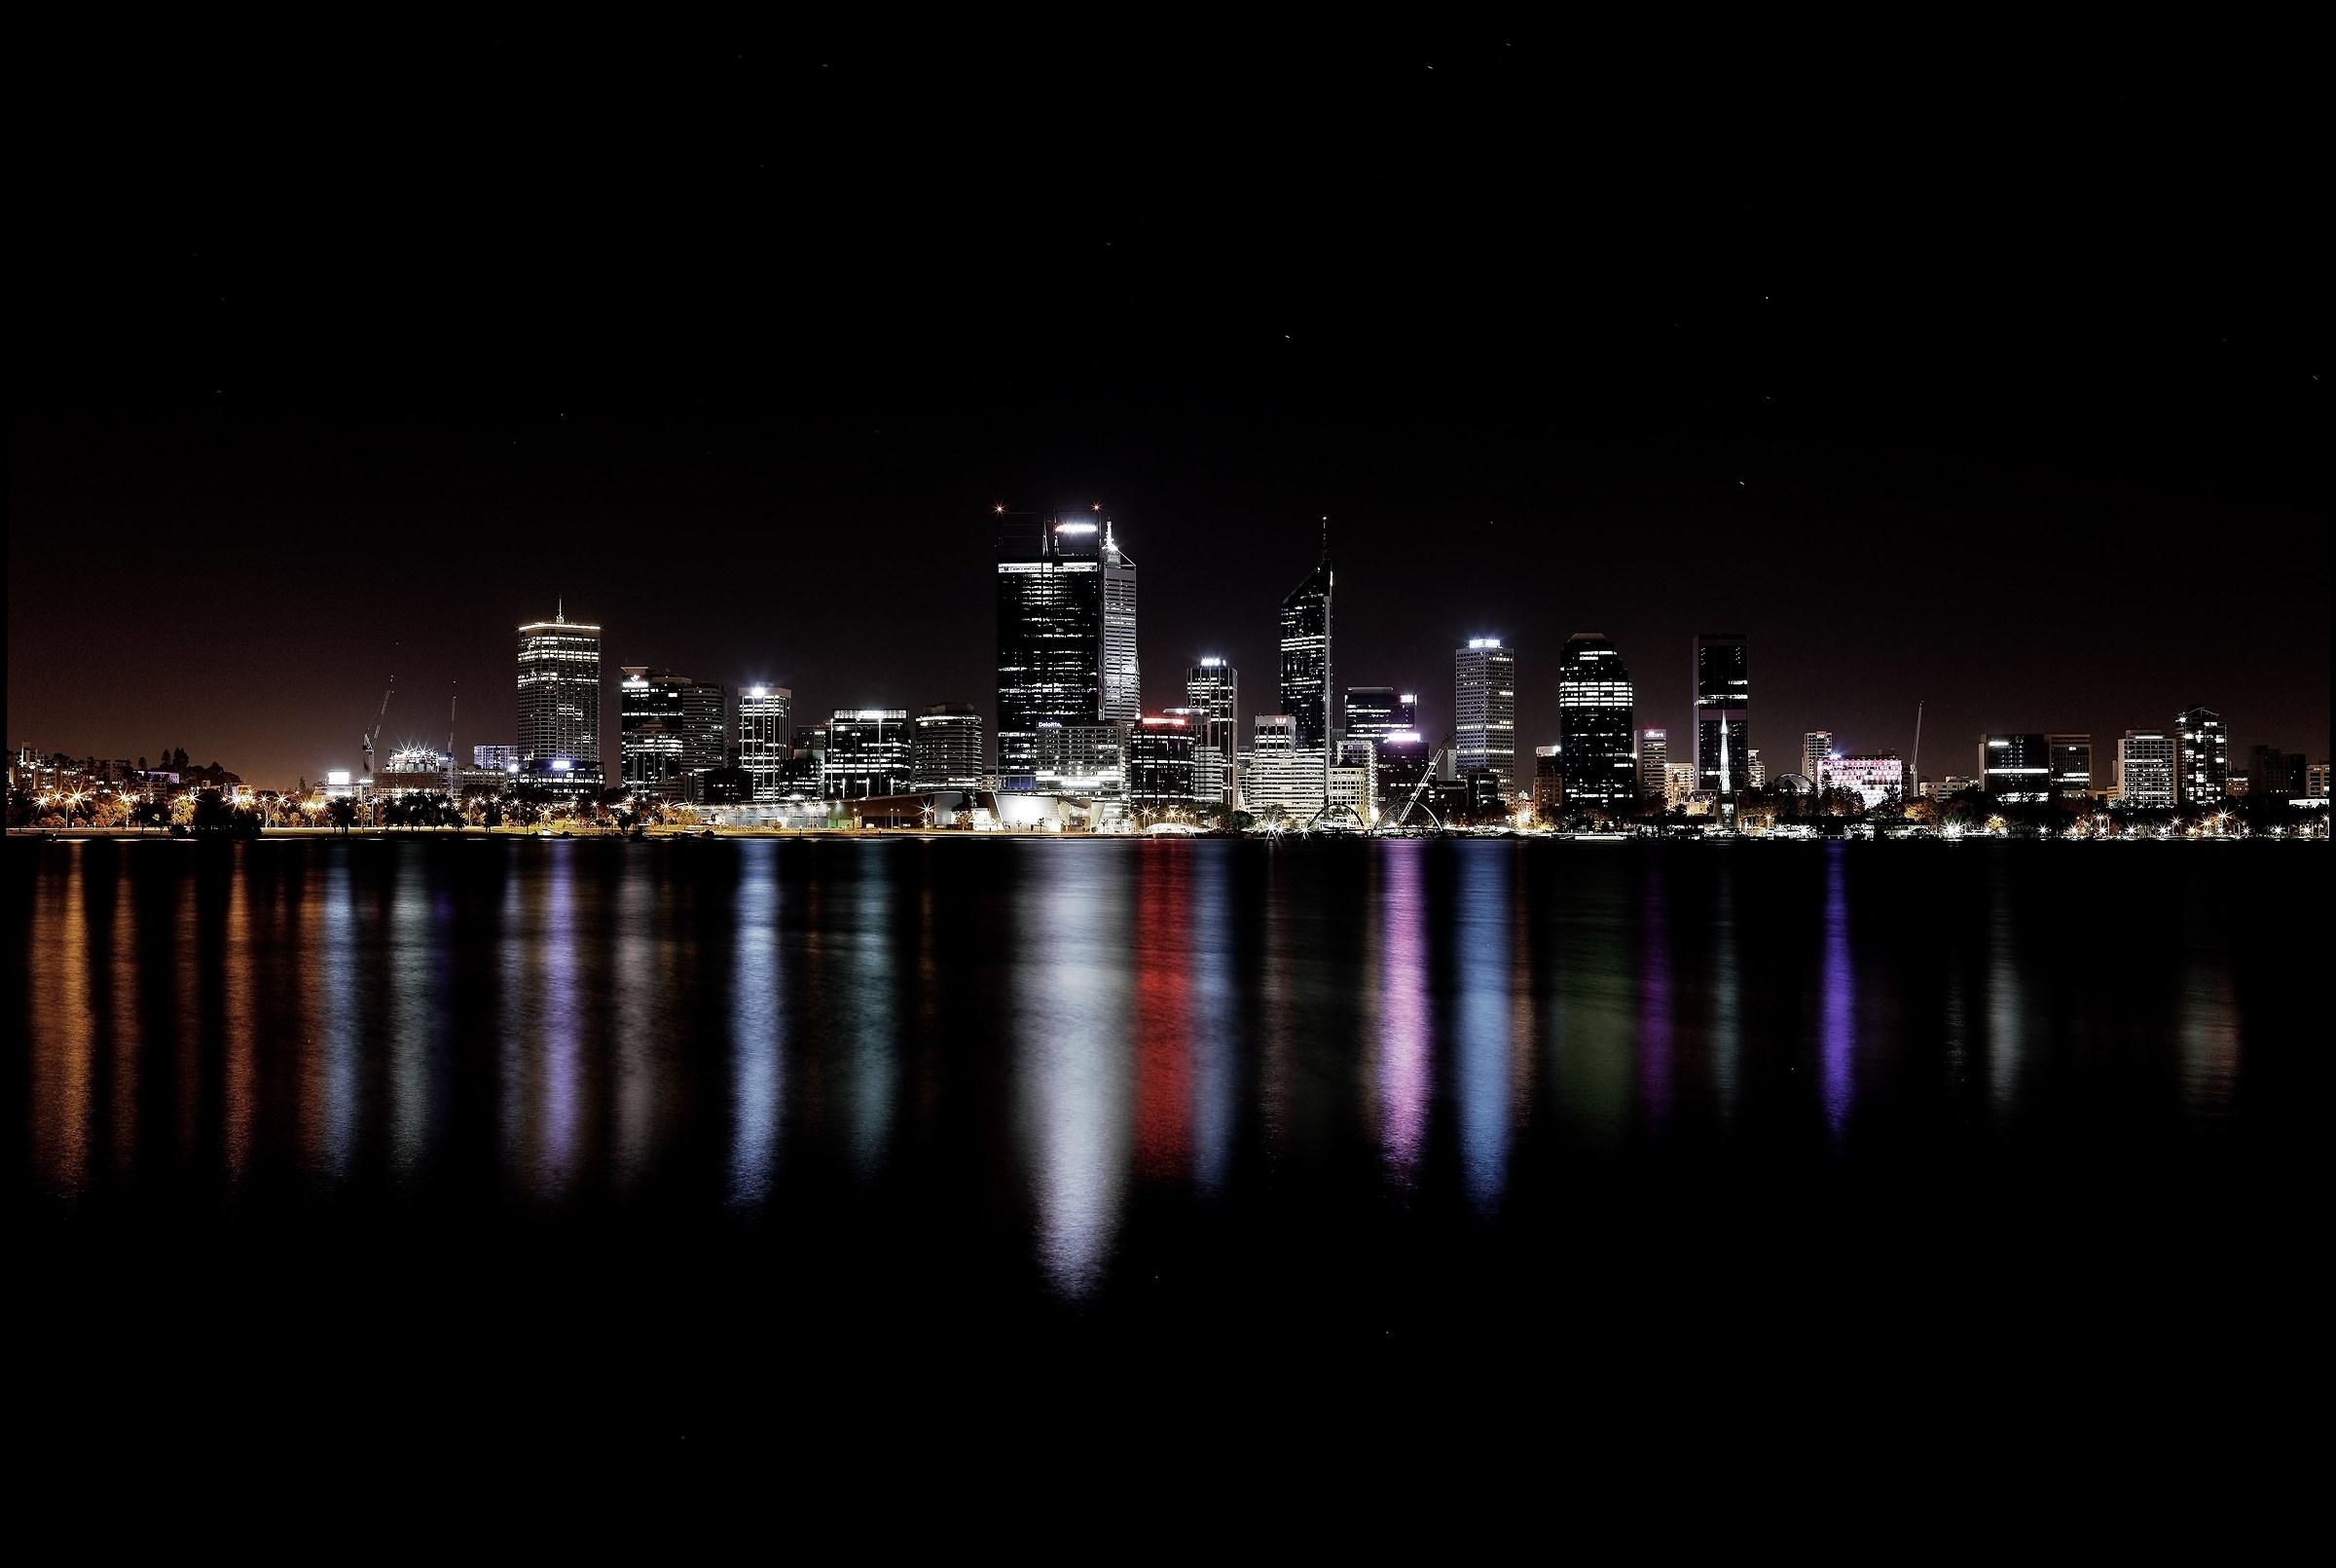 Perth w.a....